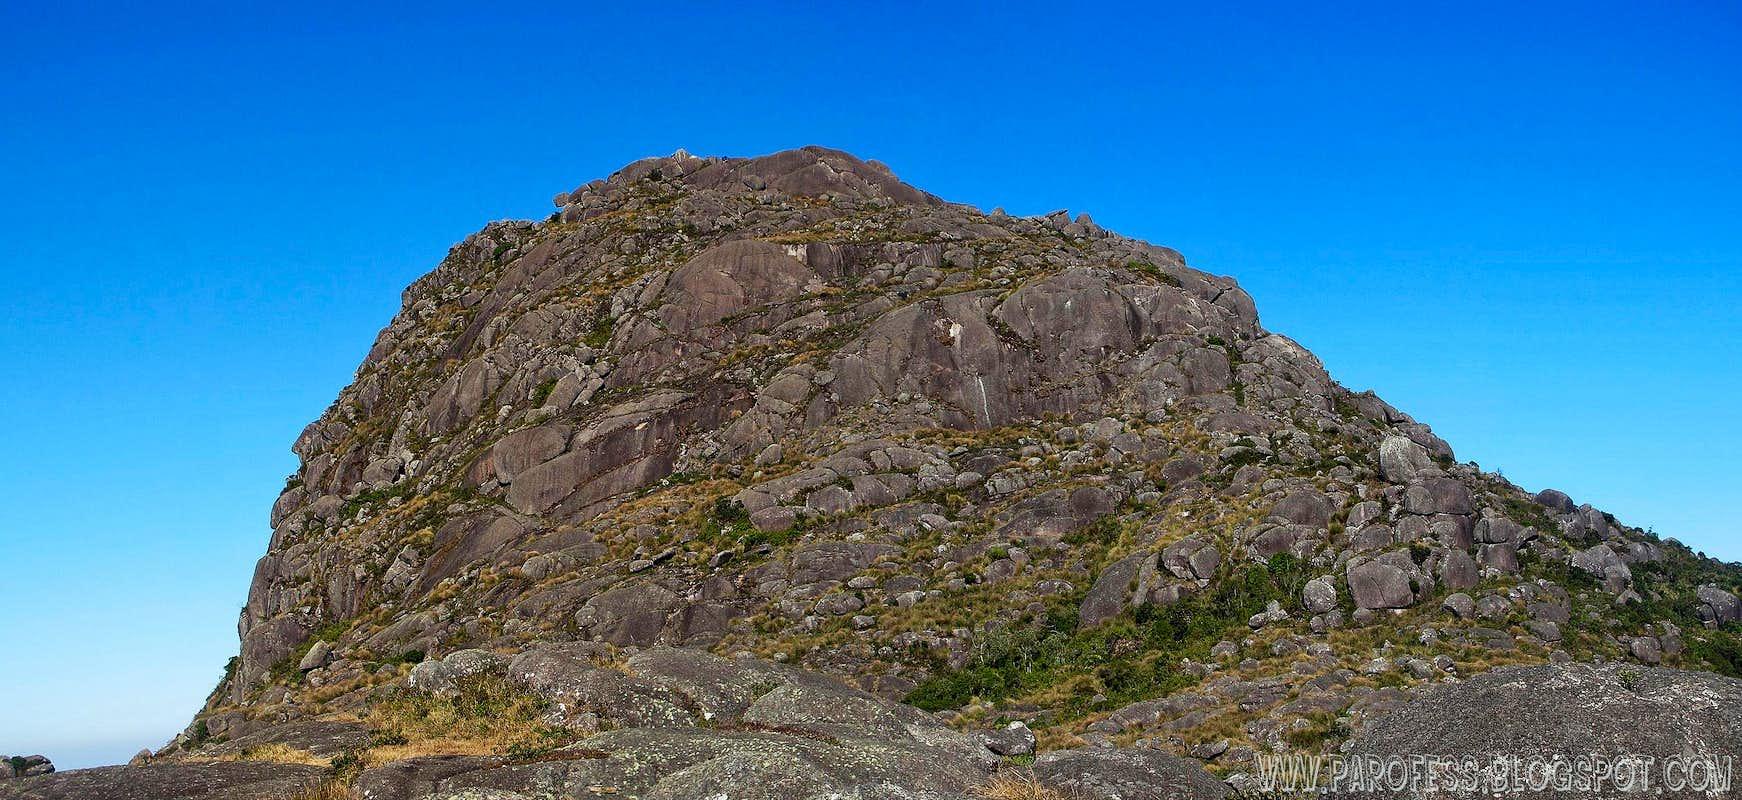 Itaguare Peak